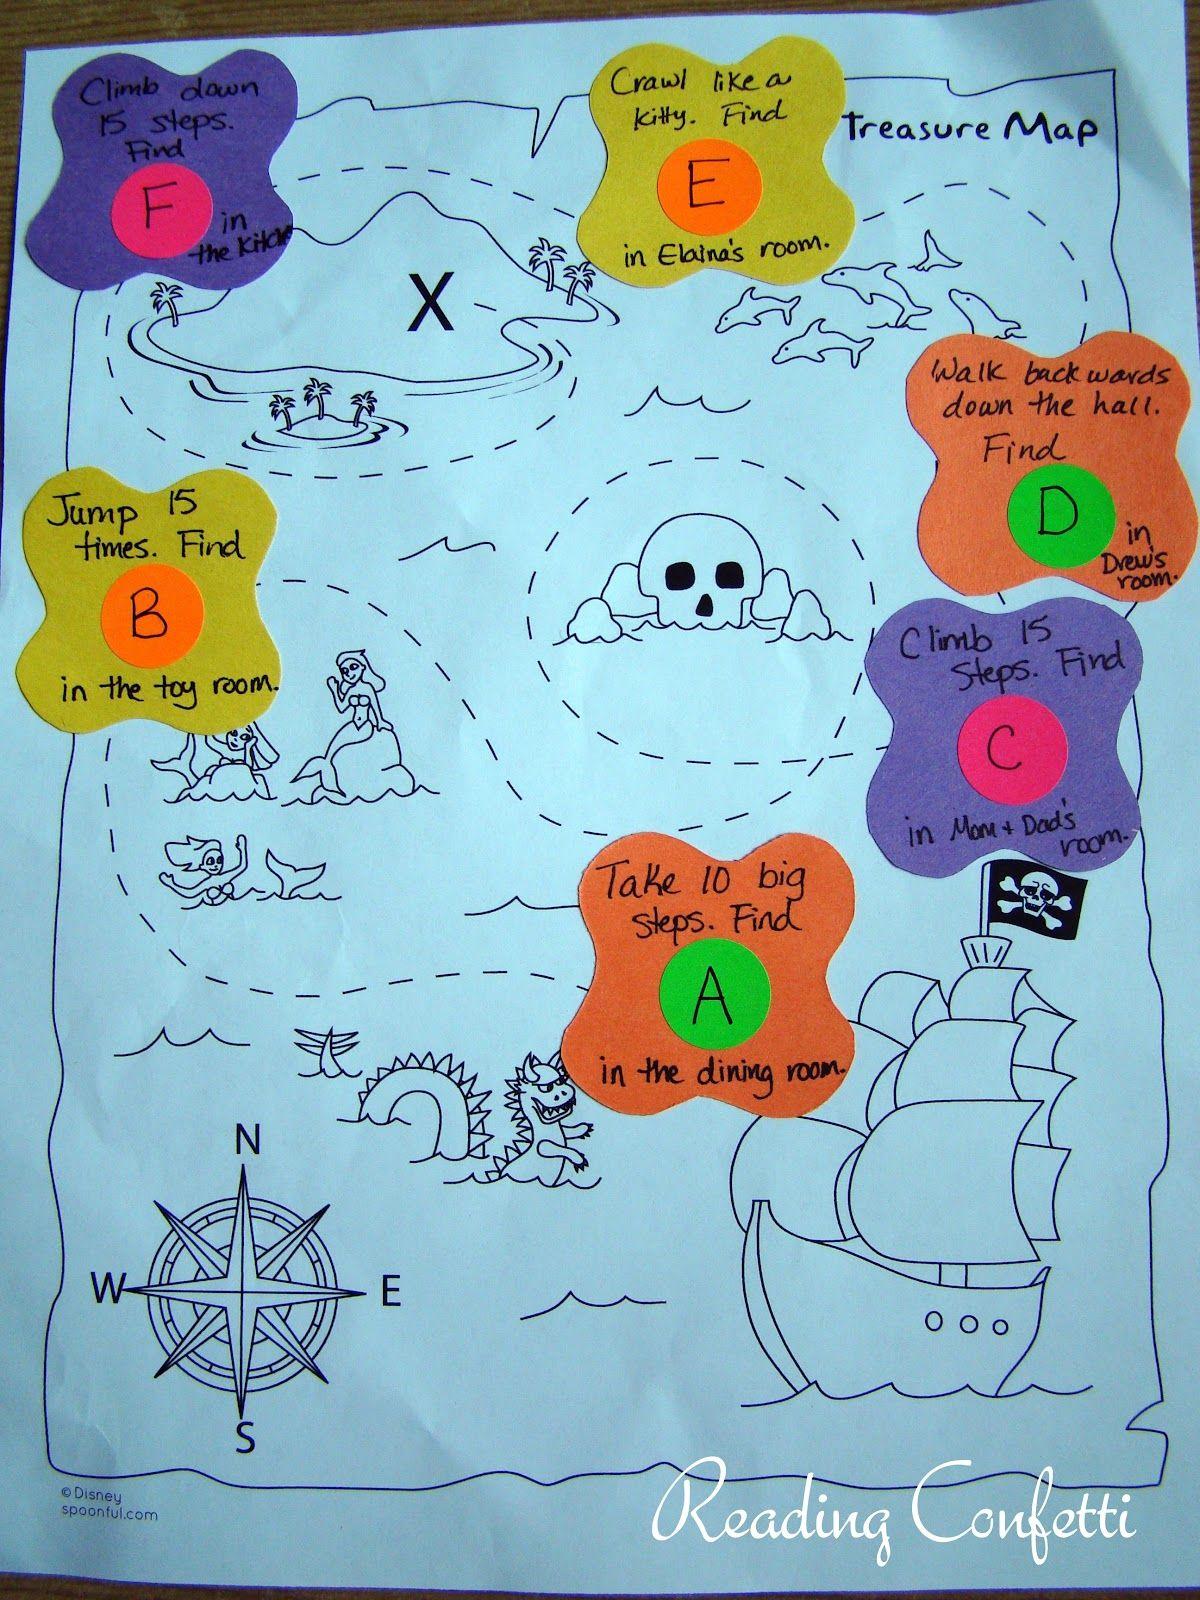 Reading Confetti Preschool Treasure Maps A Map To Guide